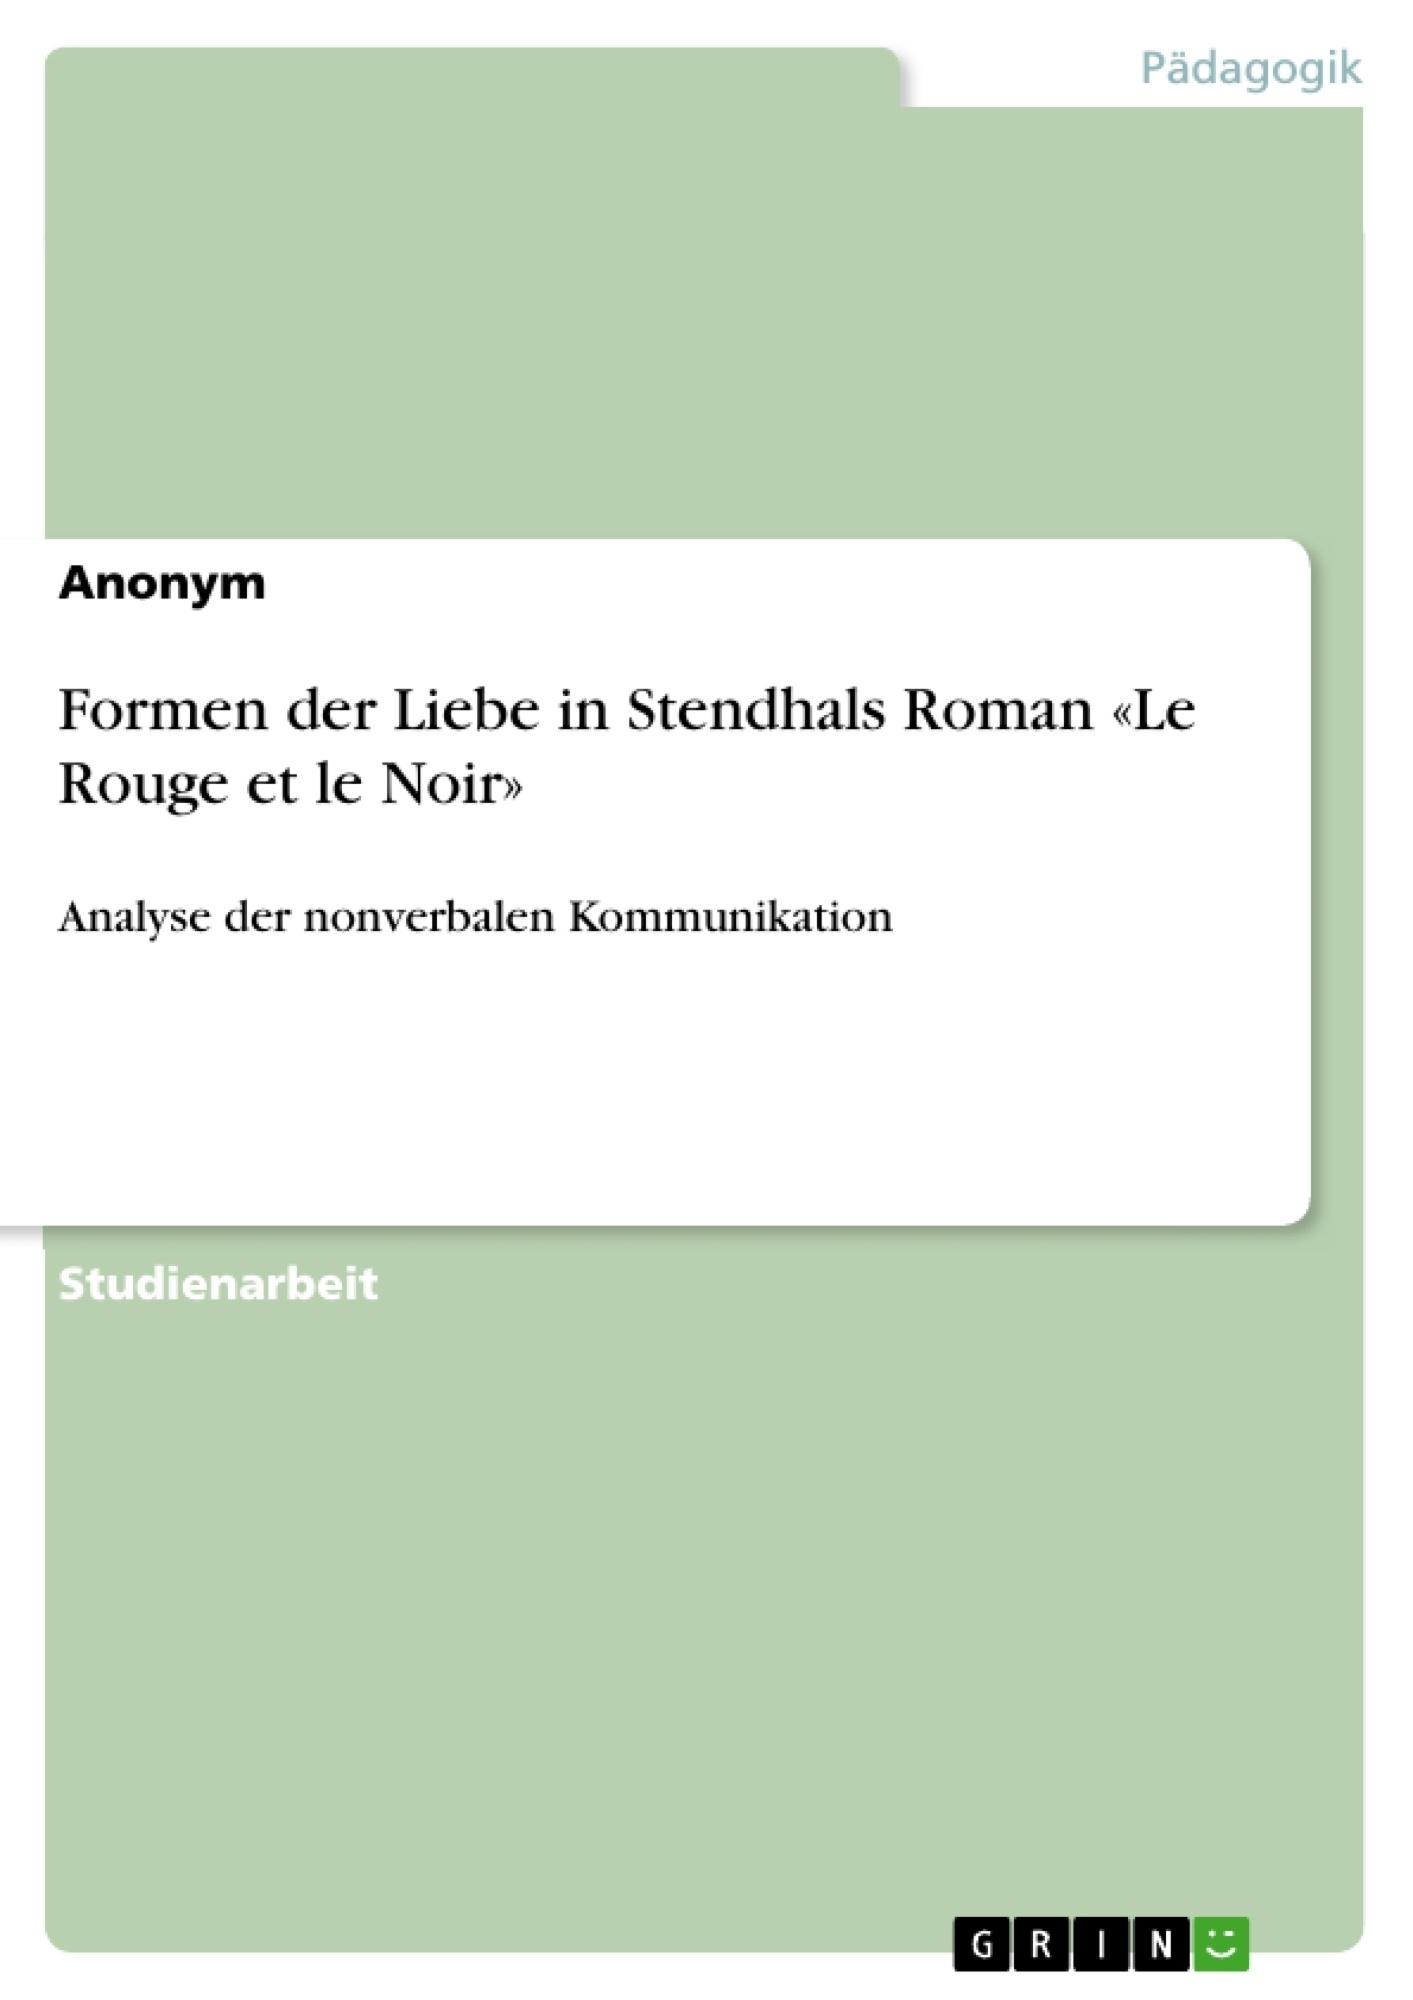 Titel: Formen der Liebe in Stendhals Roman «Le Rouge et le Noir»